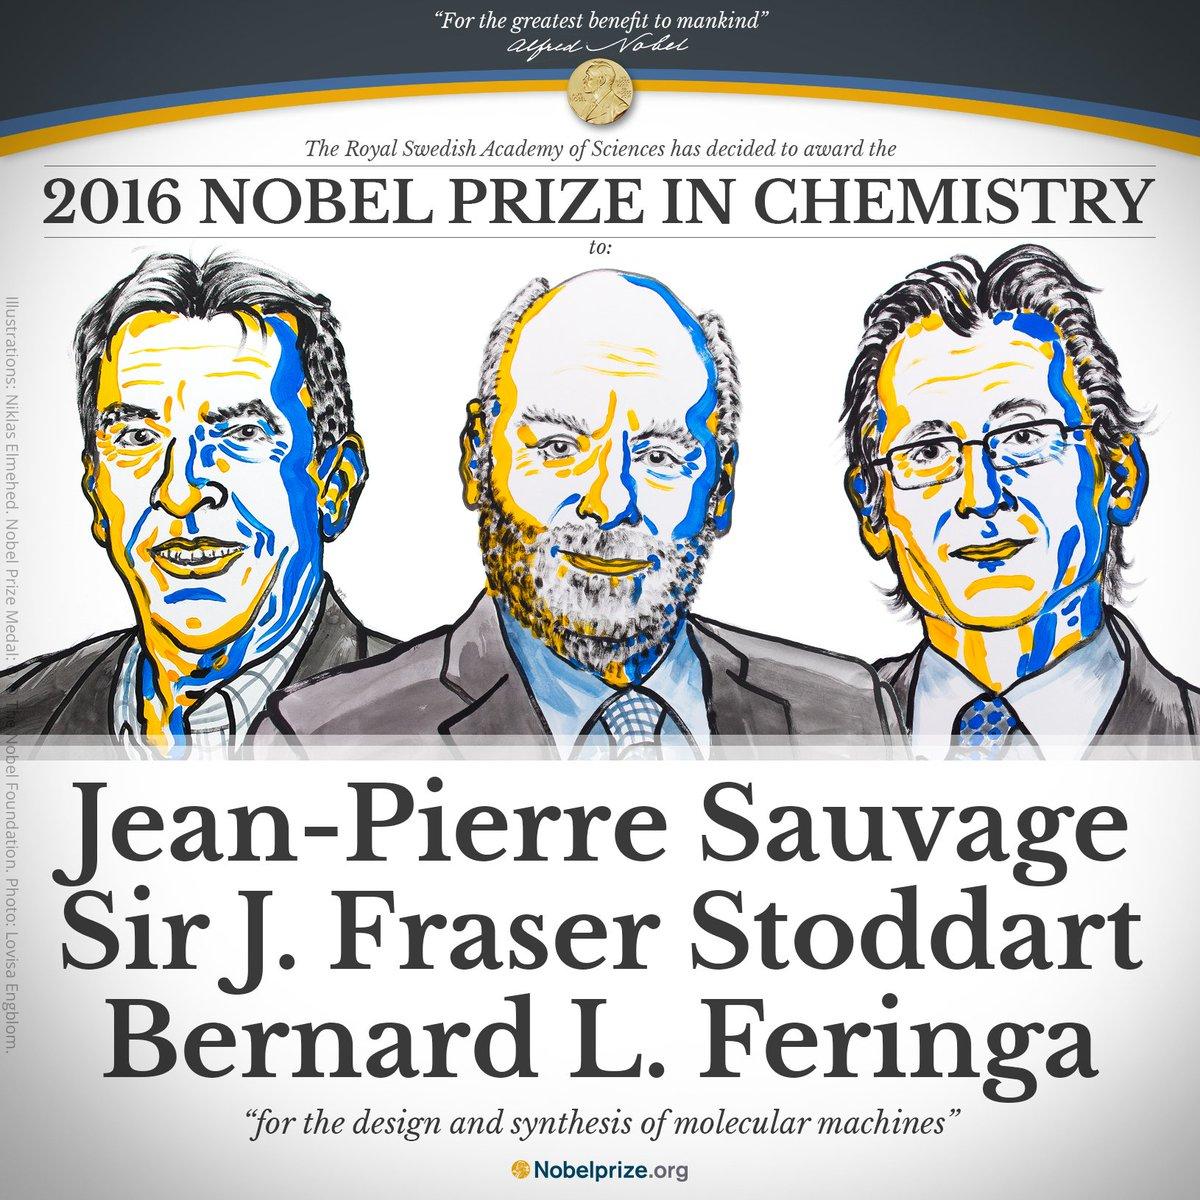 لماذا ربح هؤلاء الثلاثة- جائزة نوبل في الكيمياء هذا العام